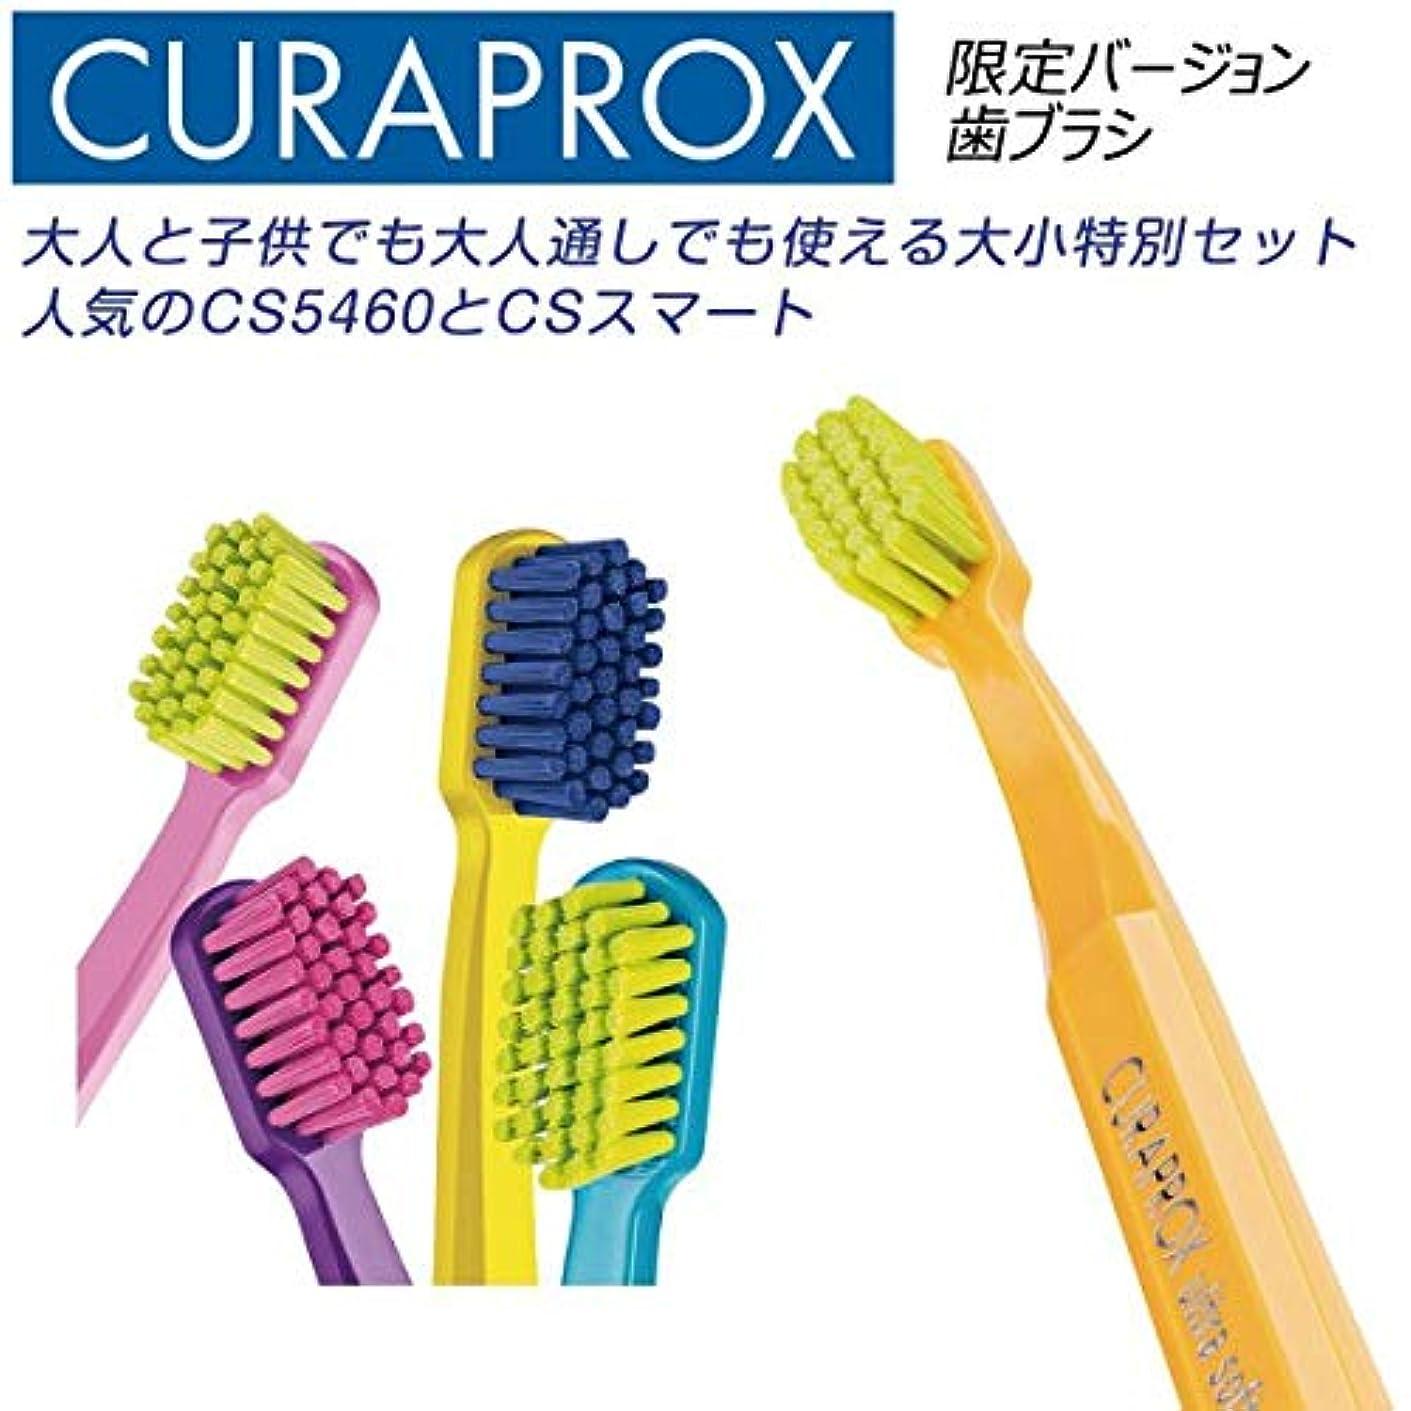 強風言及するつまらないクラプロックス 歯ブラシ CS5460 ファミリーエディション黄+オレンジ